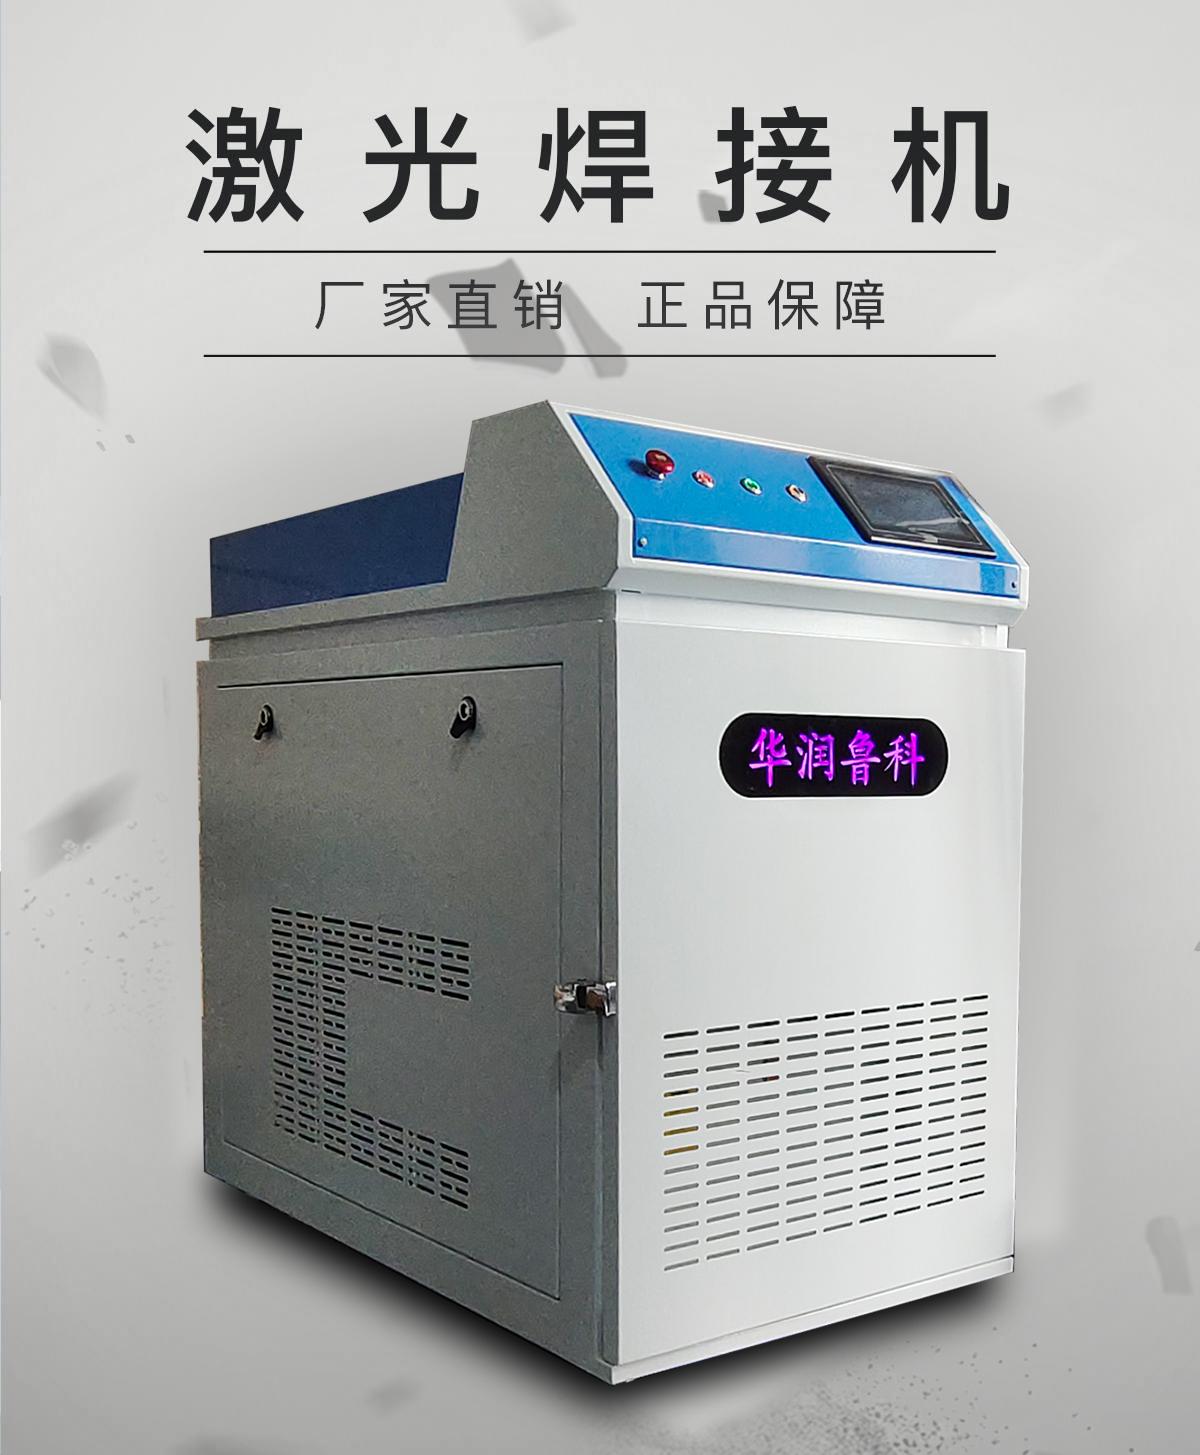 手持式激光焊接机常用的焊接方式是什么?看完就明白了[华润鲁科]